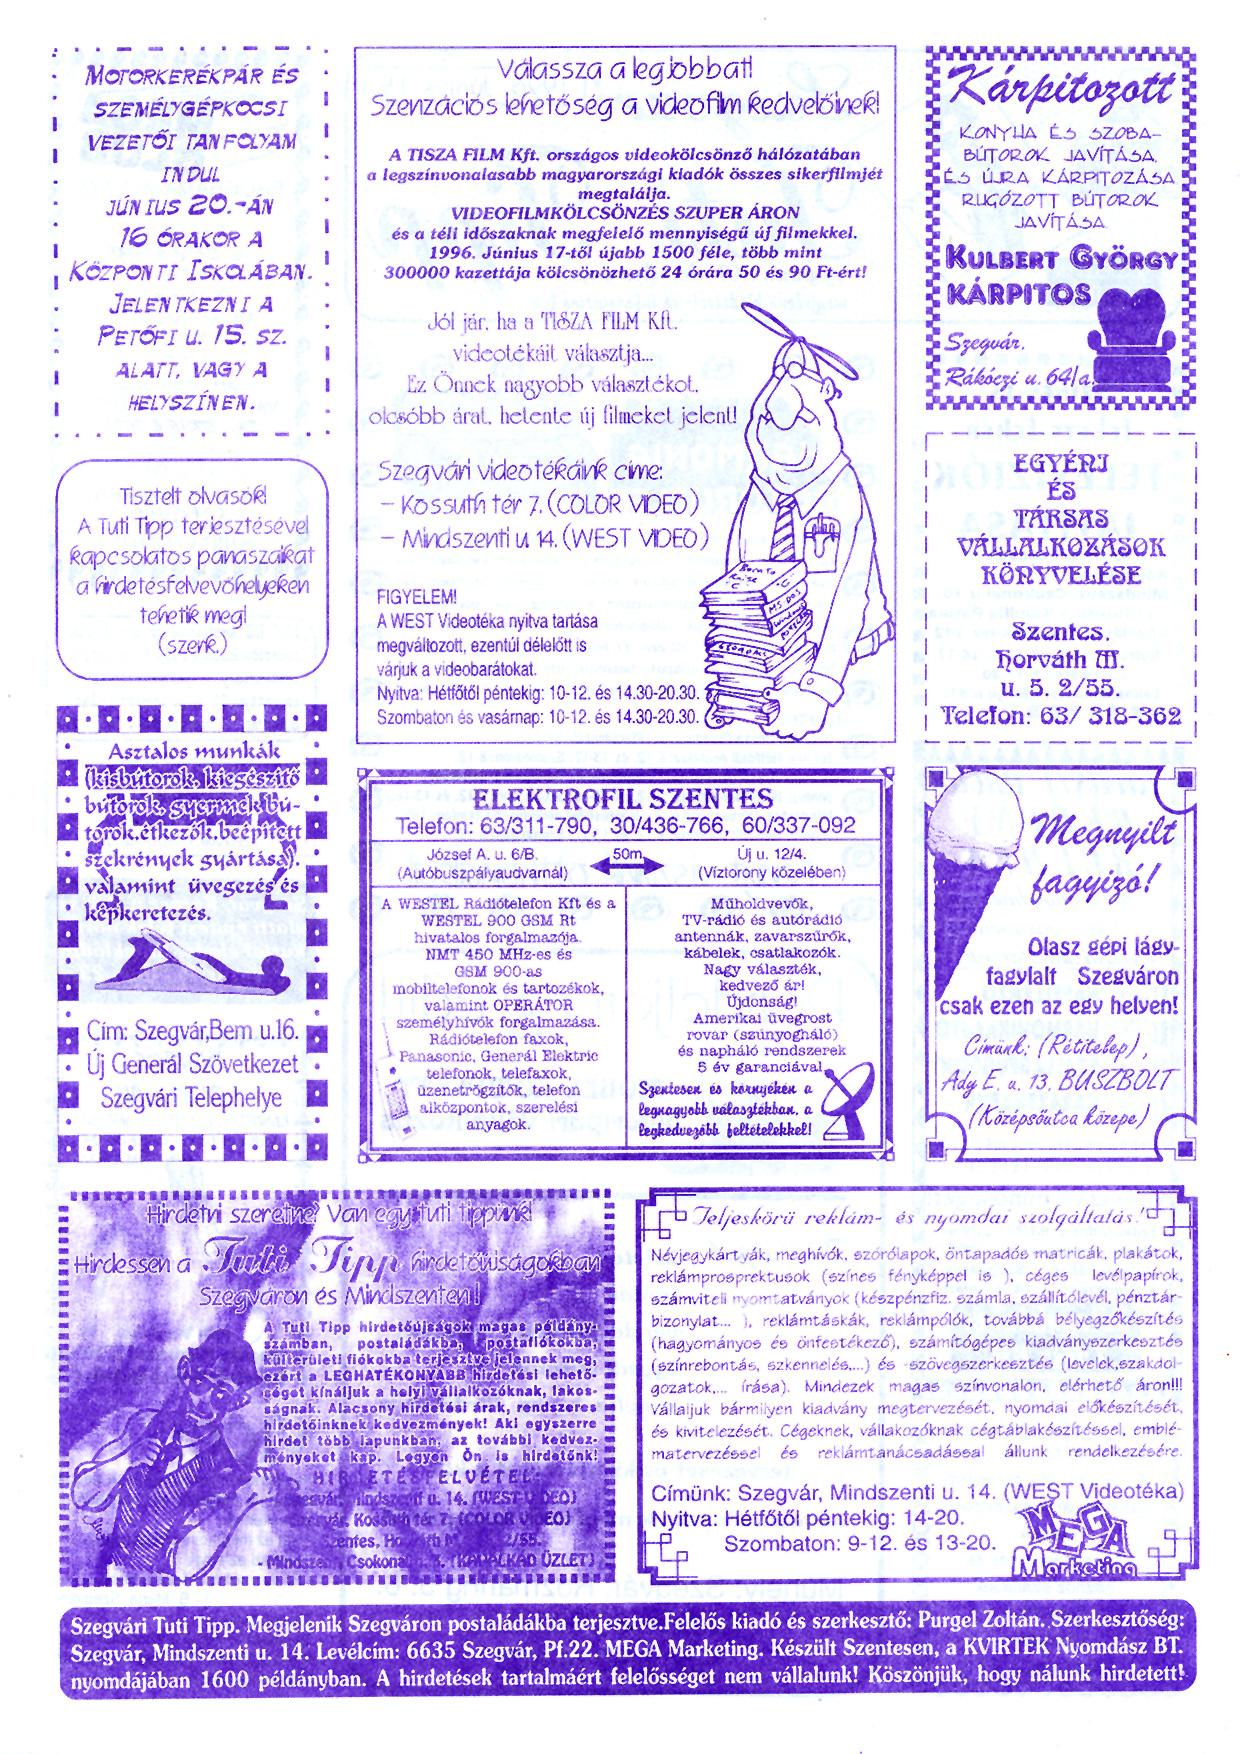 026 Szegvári Tuti Tipp reklámújság - 19960615-024. lapszám - 2.oldal - II. évfolyam.jpg